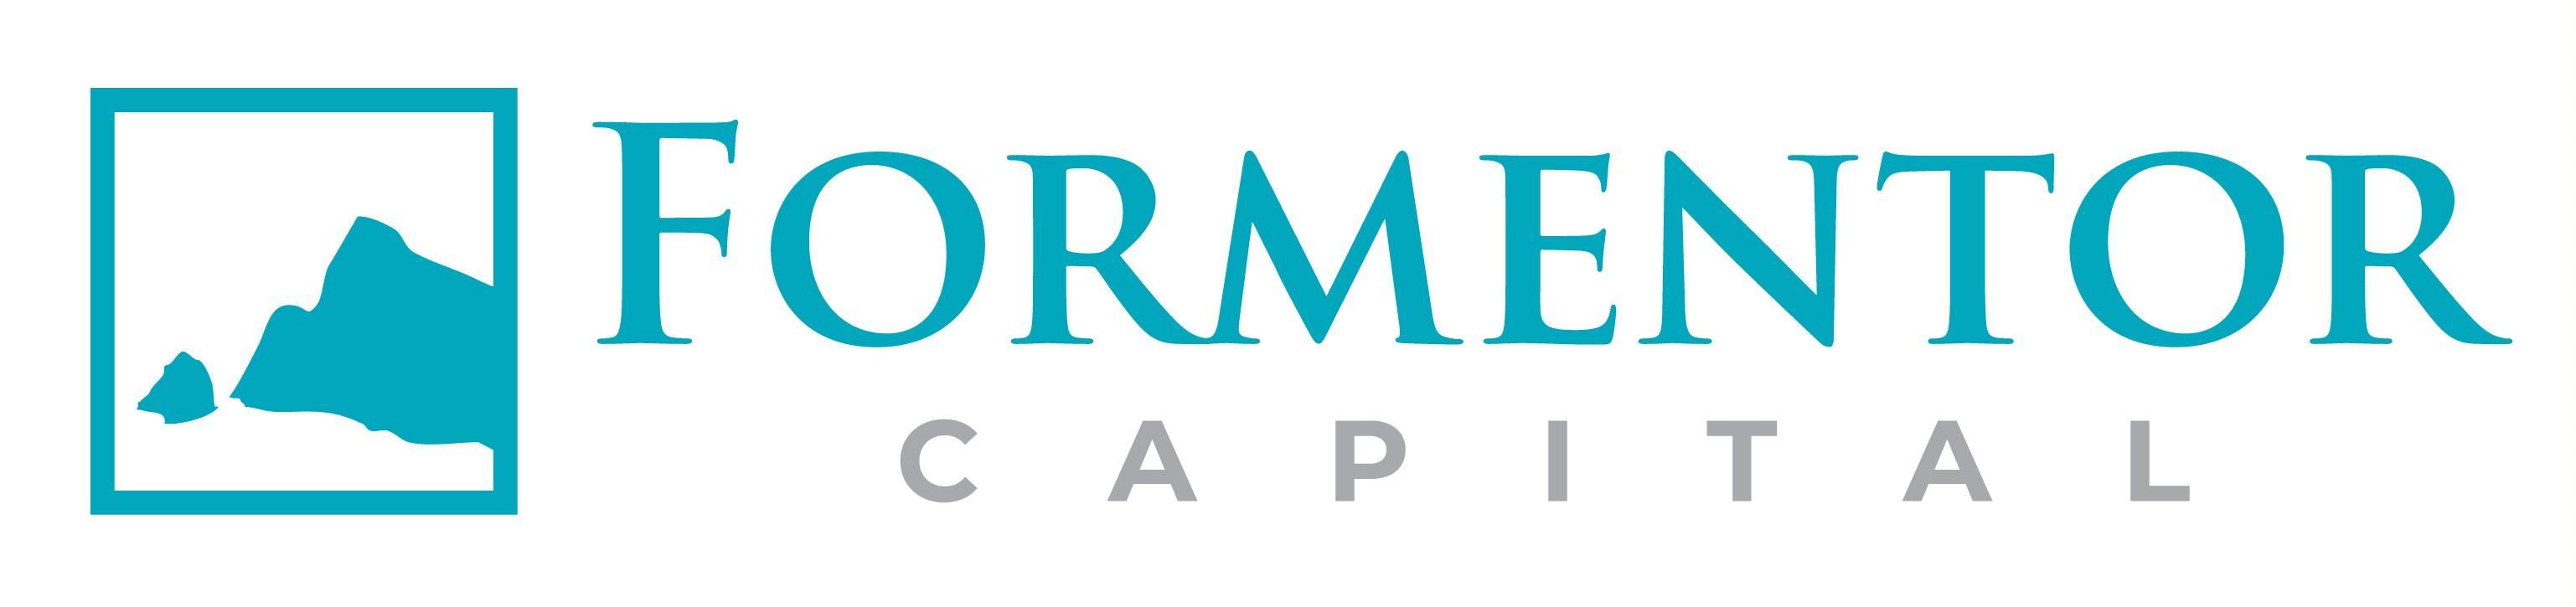 Formentor Capital company logo